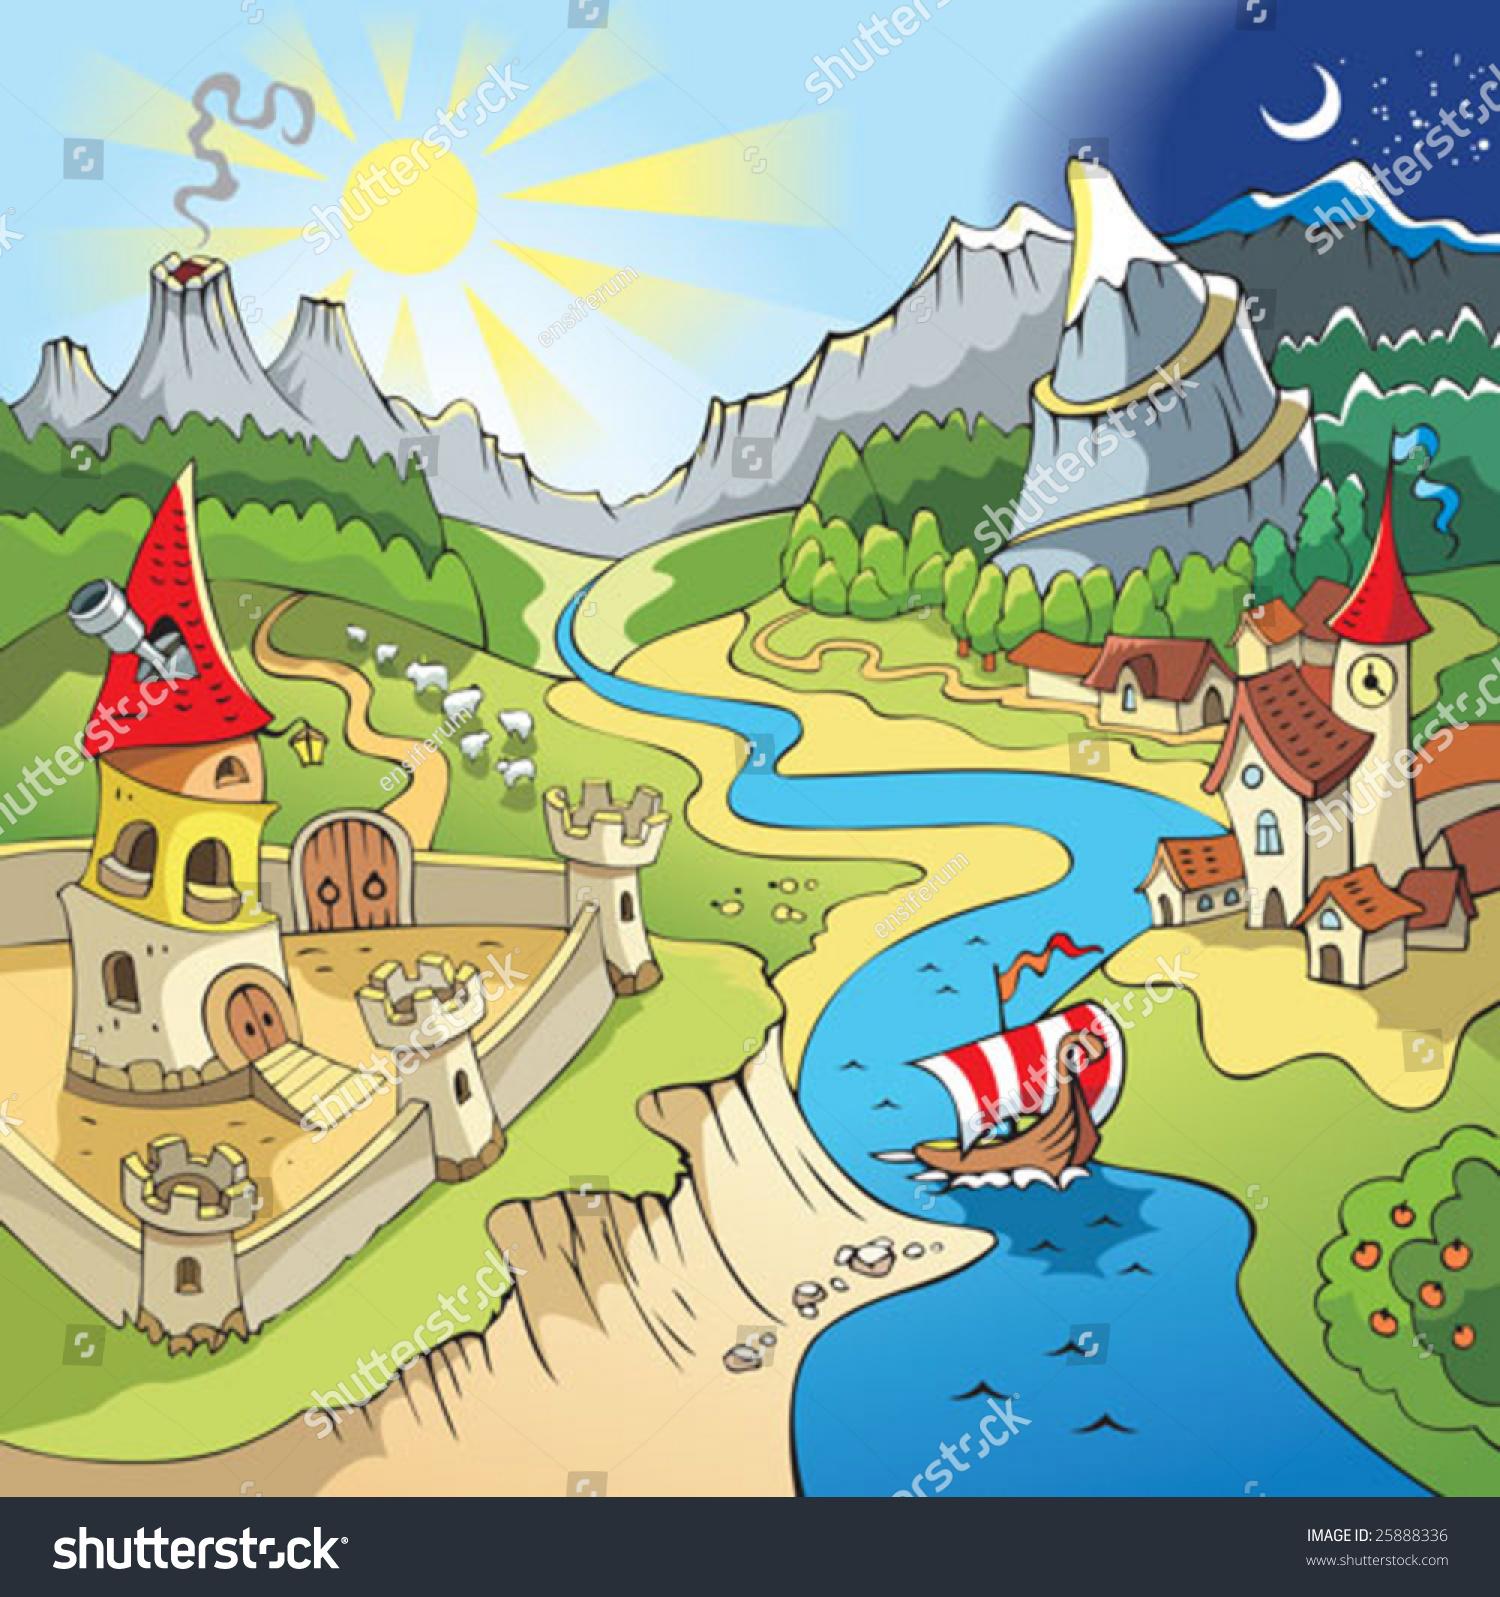 Town Landscape Vector Illustration: Fairy Tale Landscape Wonder Land Castle Stock Vector